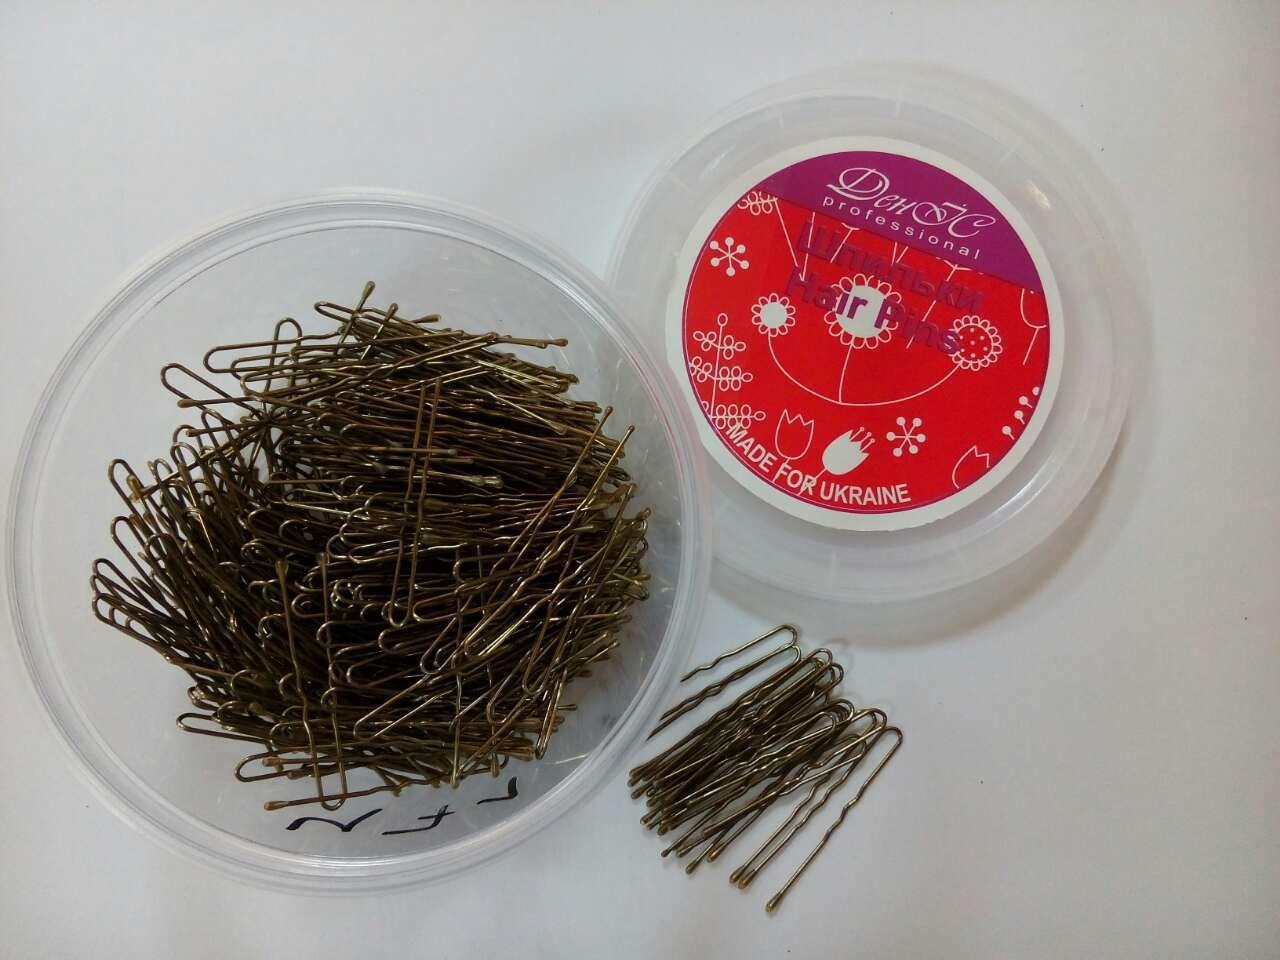 Шпильки для волос золото 300шт 4,5см